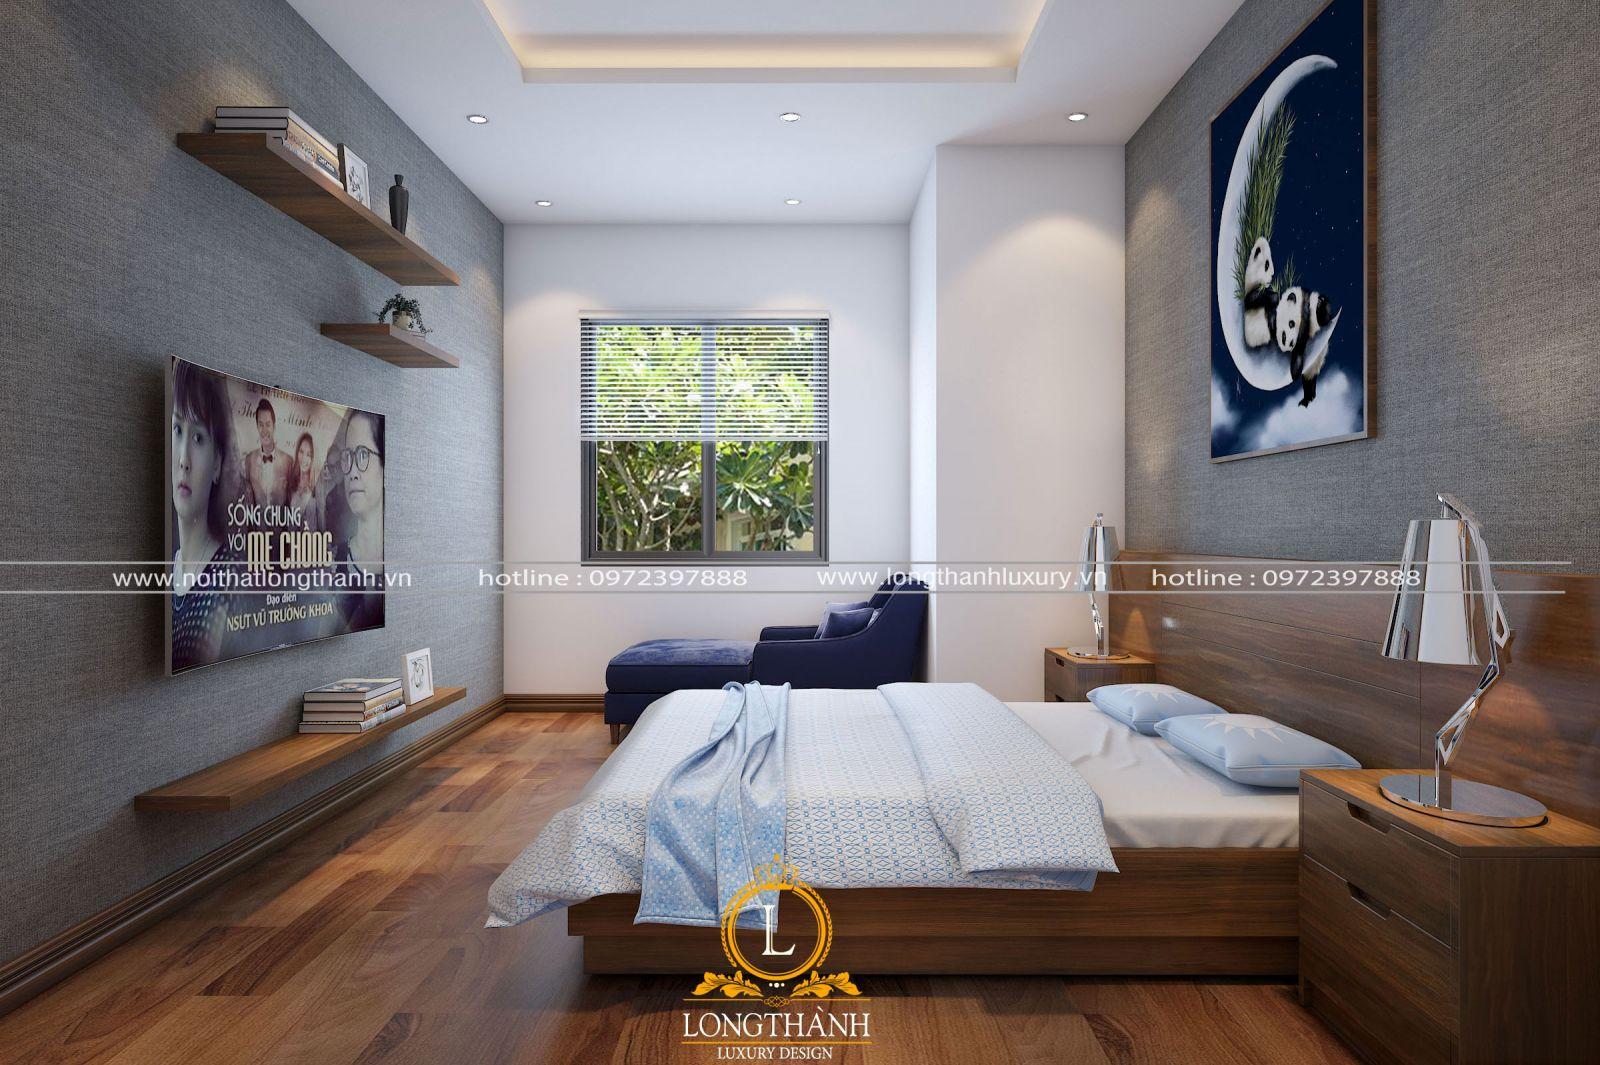 Phòng ngủ hiện đại đẹp và trẻ trung